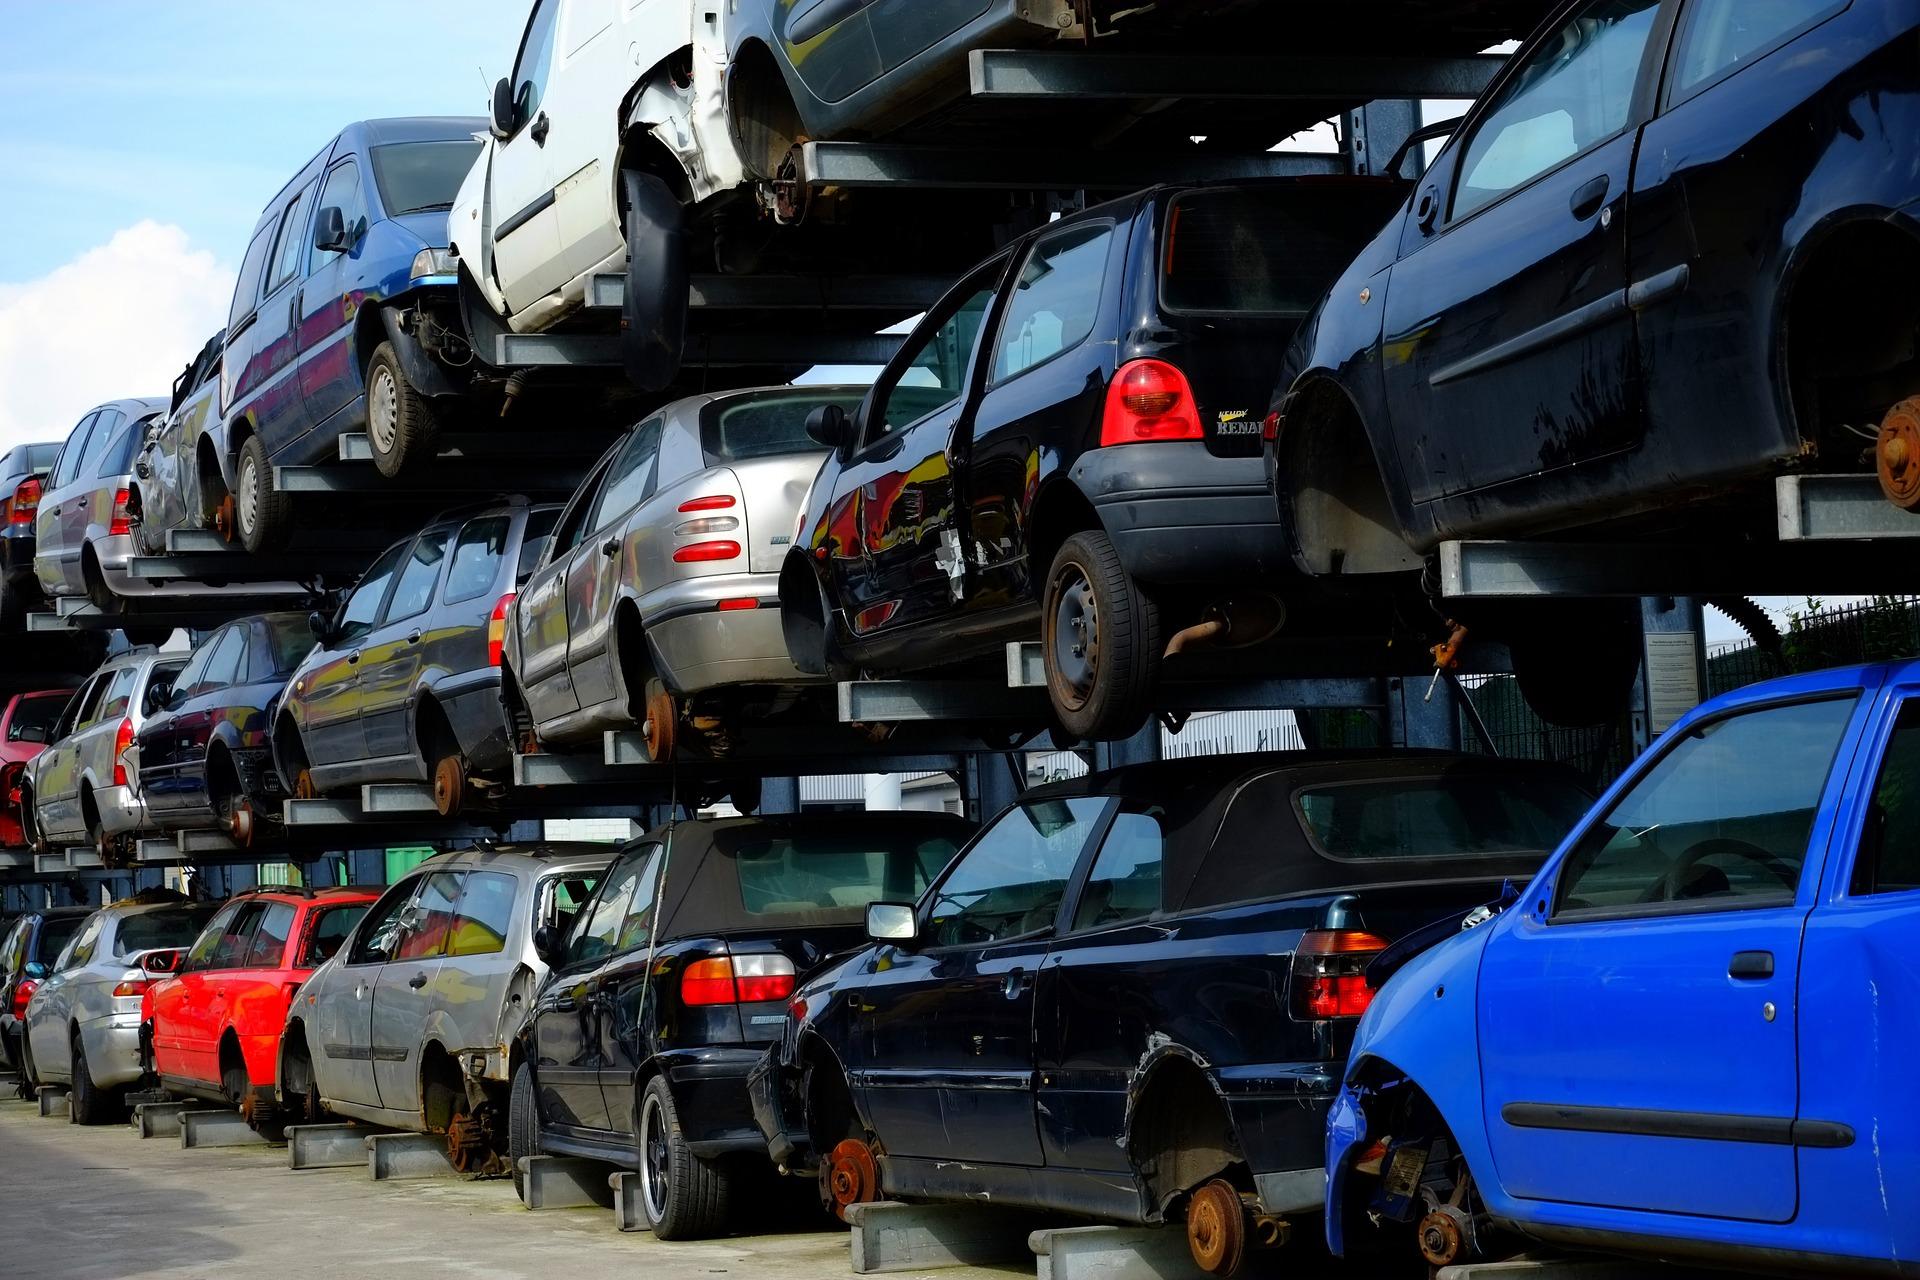 Zezłomowane pojazdy ułożone w rzędy i stosy